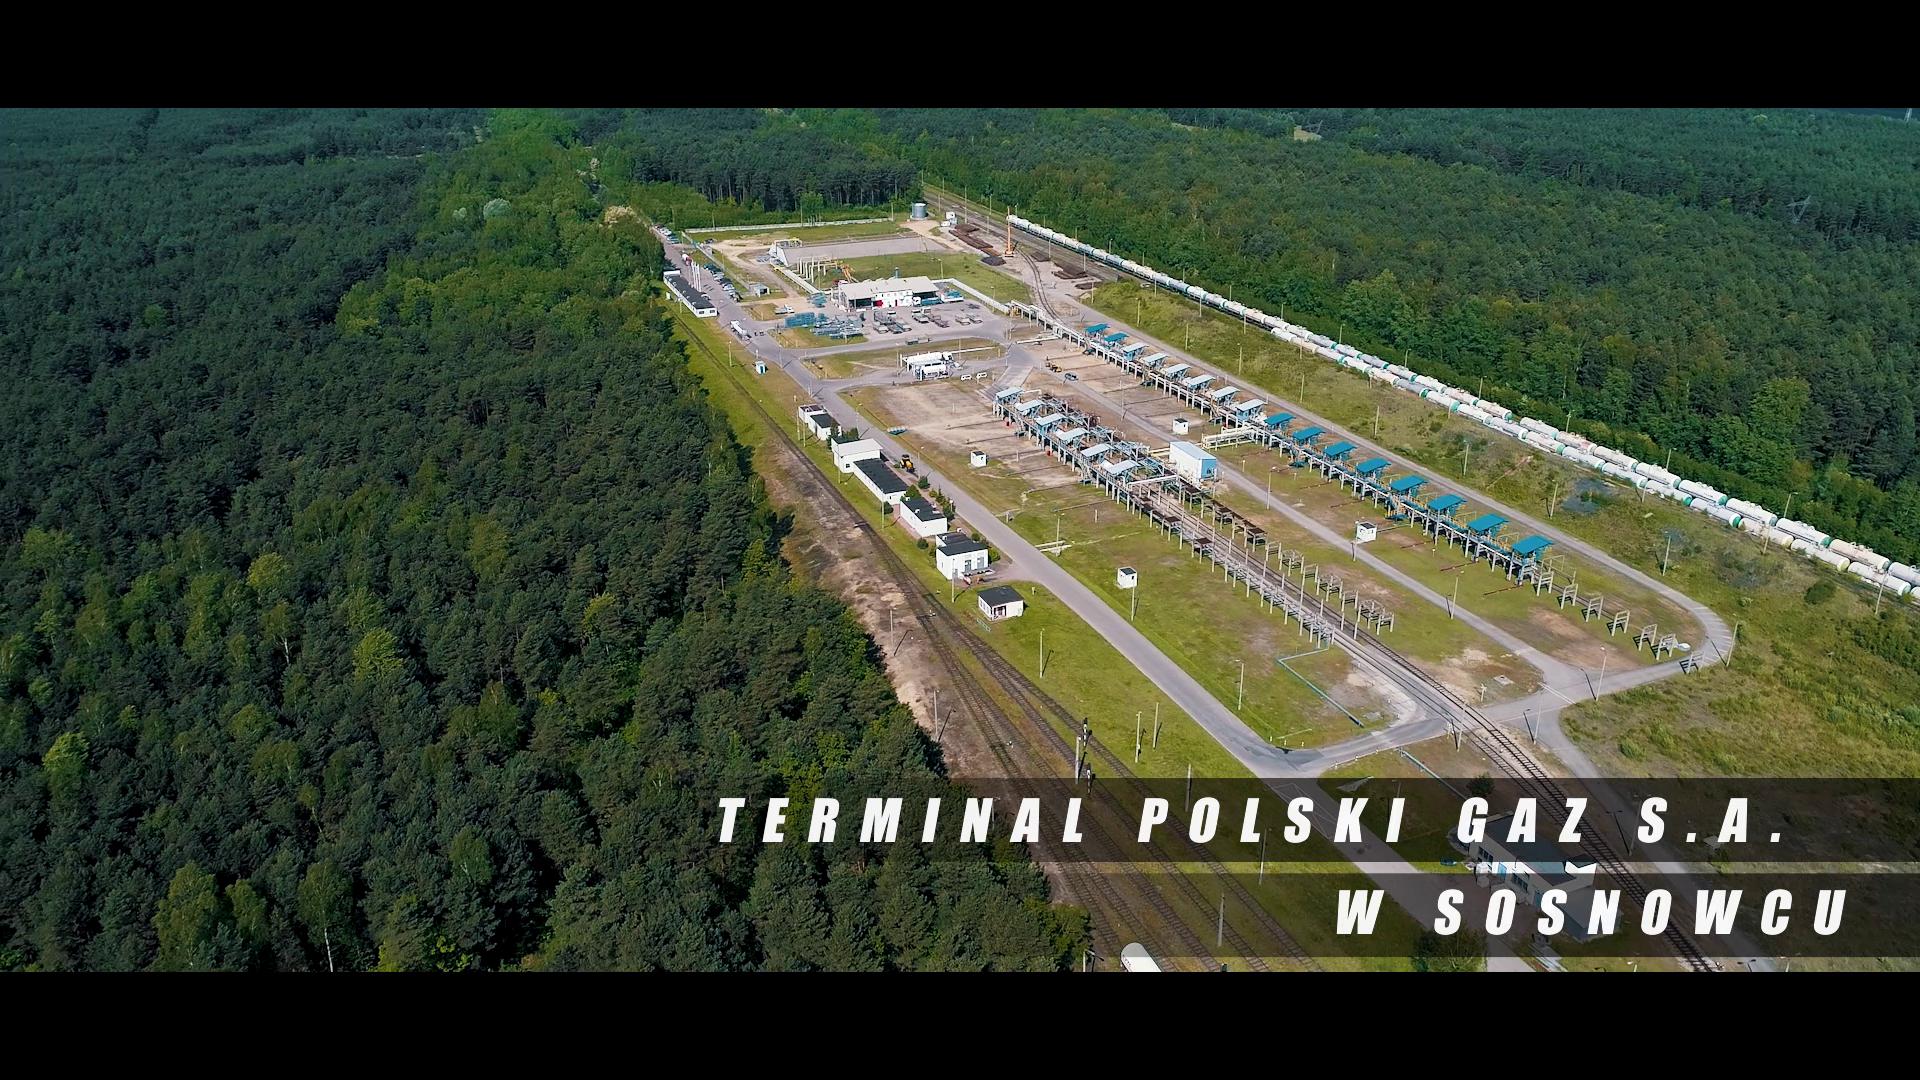 POLSKI GAZ S.A. – Terminal przeładunkowy